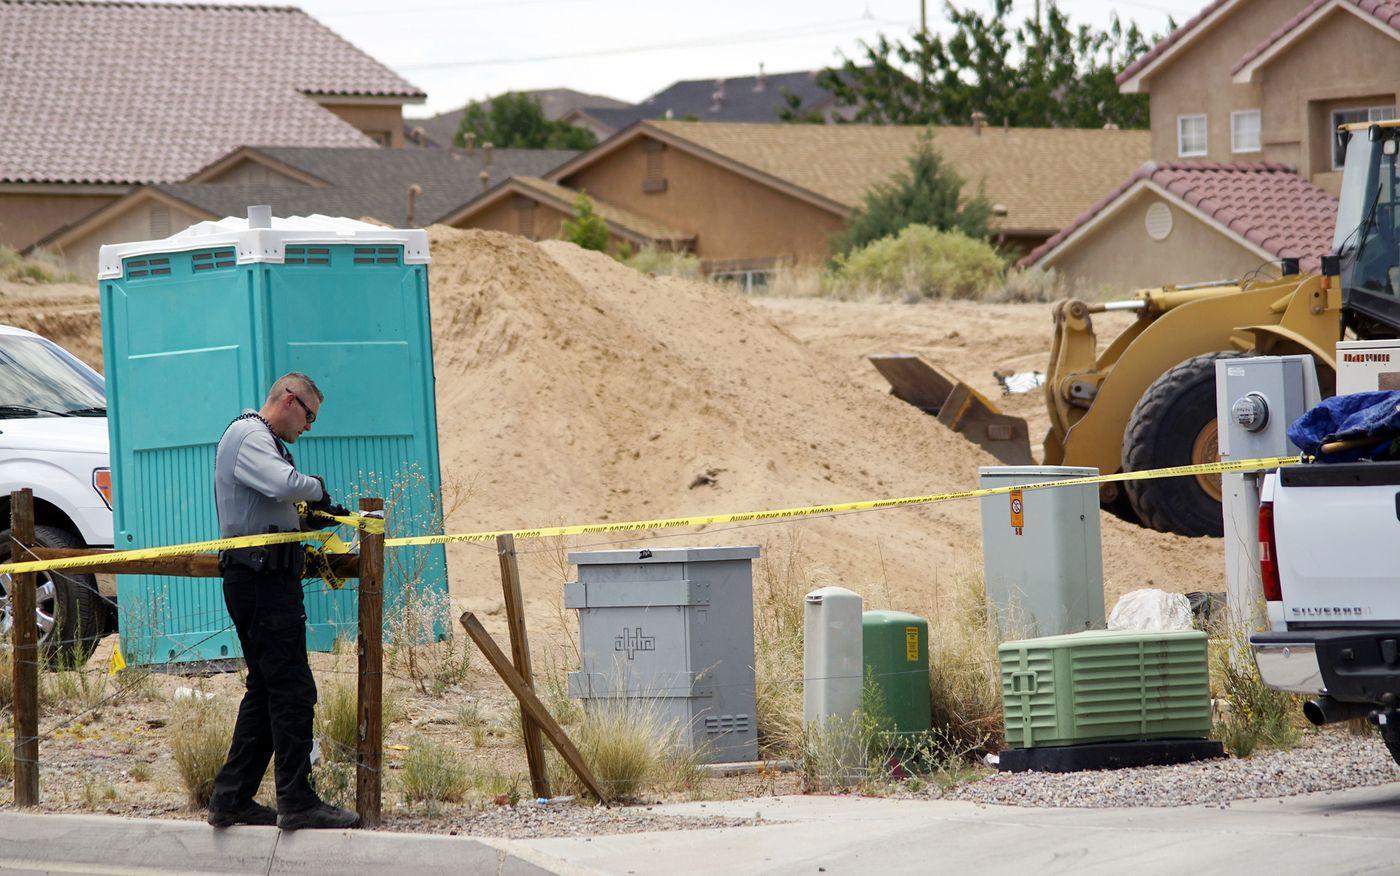 Vụ thảm sát bí ẩn West Mesa: Nhiều mẩu xương được phát hiện gần khu mộ của 11 phụ nữ bị sát hại, cảnh sát nghi ngờ còn nhiều nạn nhân khác chưa được tìm thấy 5